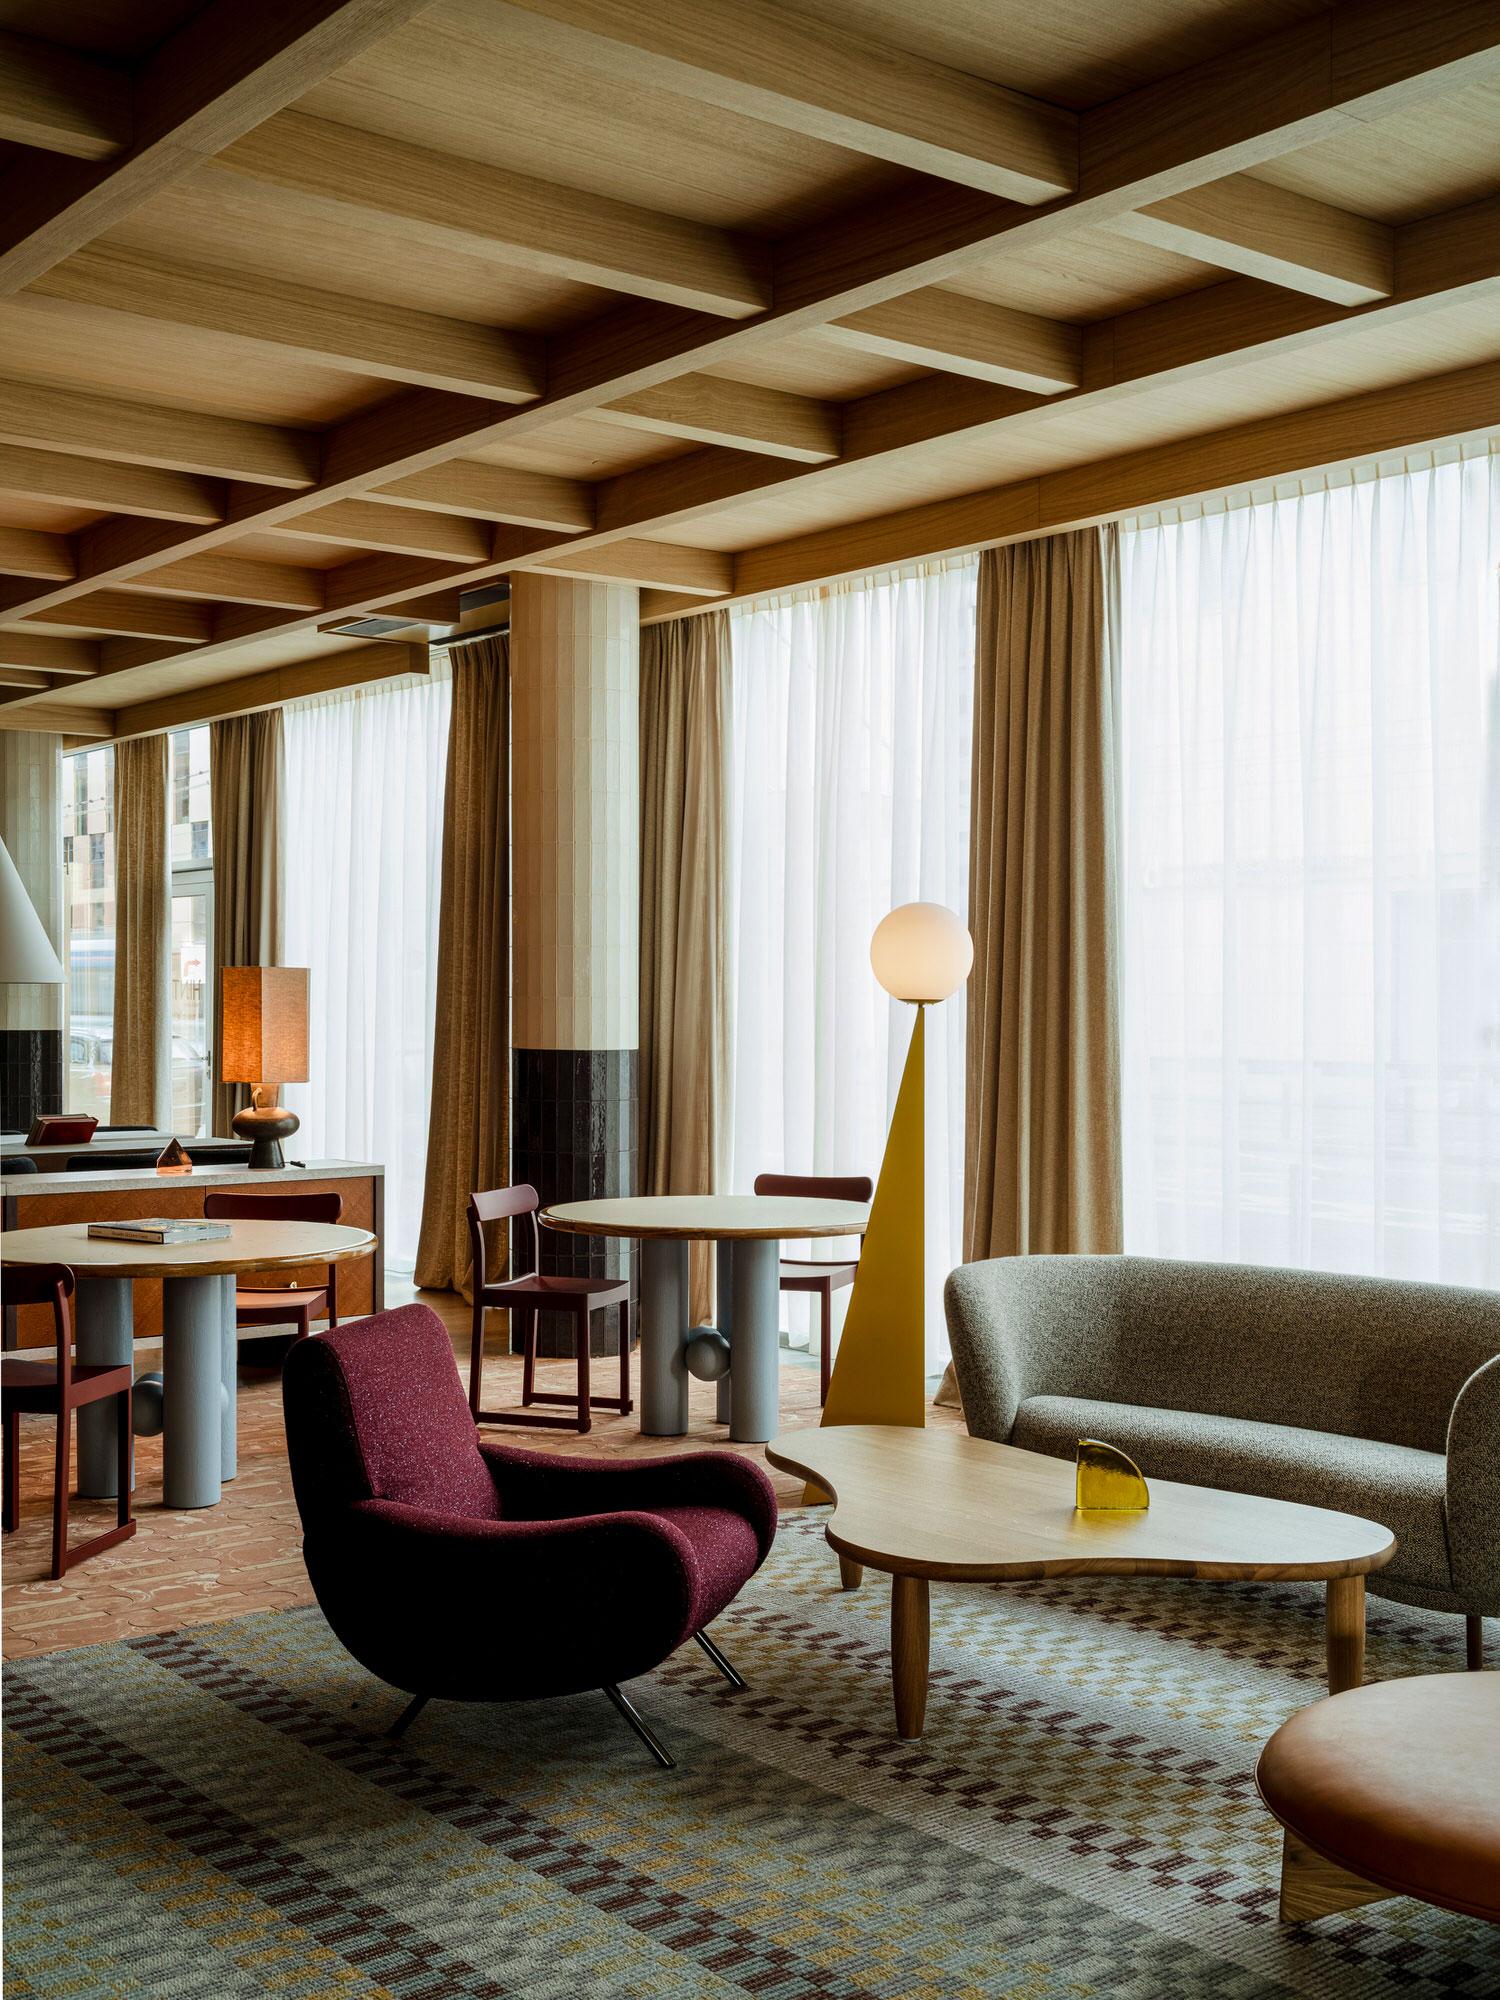 Paradowski Studio Puro Hotel Krakow Photo Pion Studio Yellowtrace 15